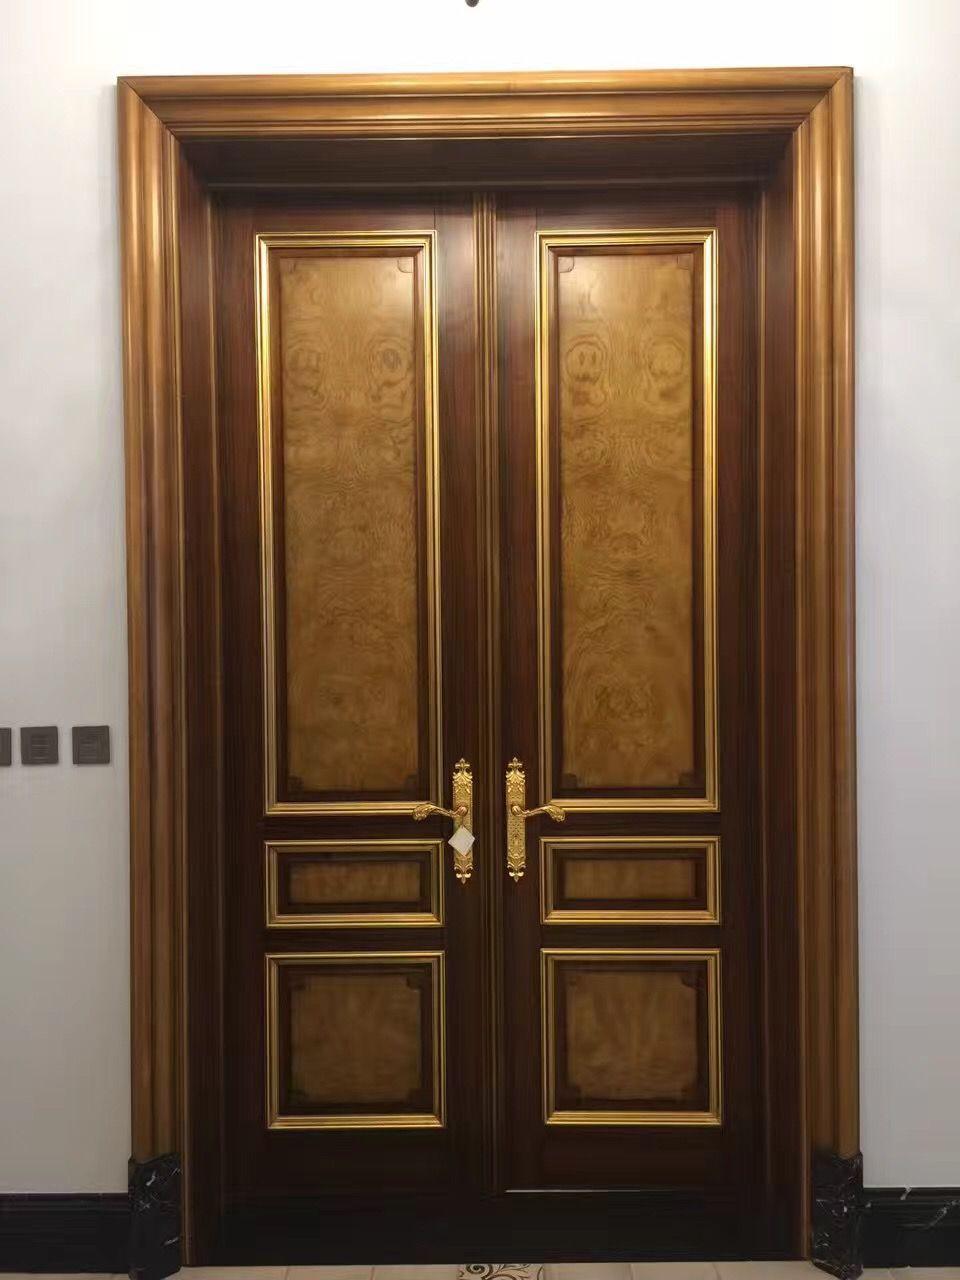 Pin By Prasad Kvbv On Photo Wall Main Door Design Entrance Doors Room Door Design Home Door Design Door Design Modern